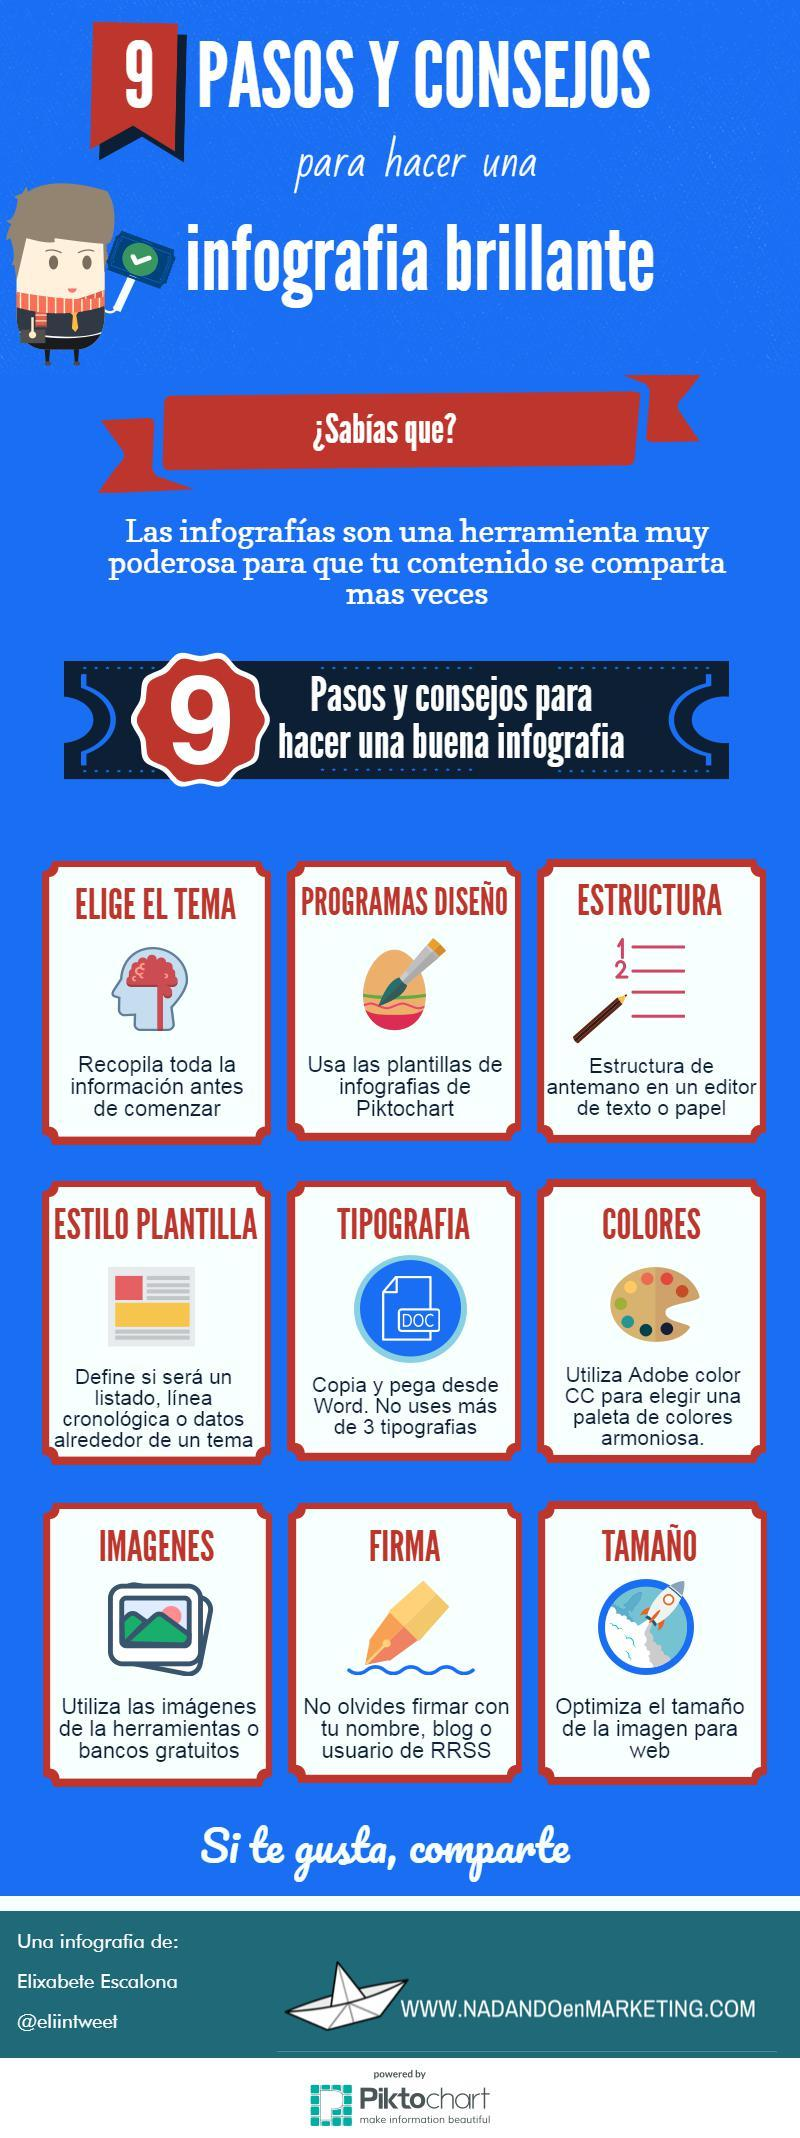 9 pasos y consejos para hacer una Infografía brillante